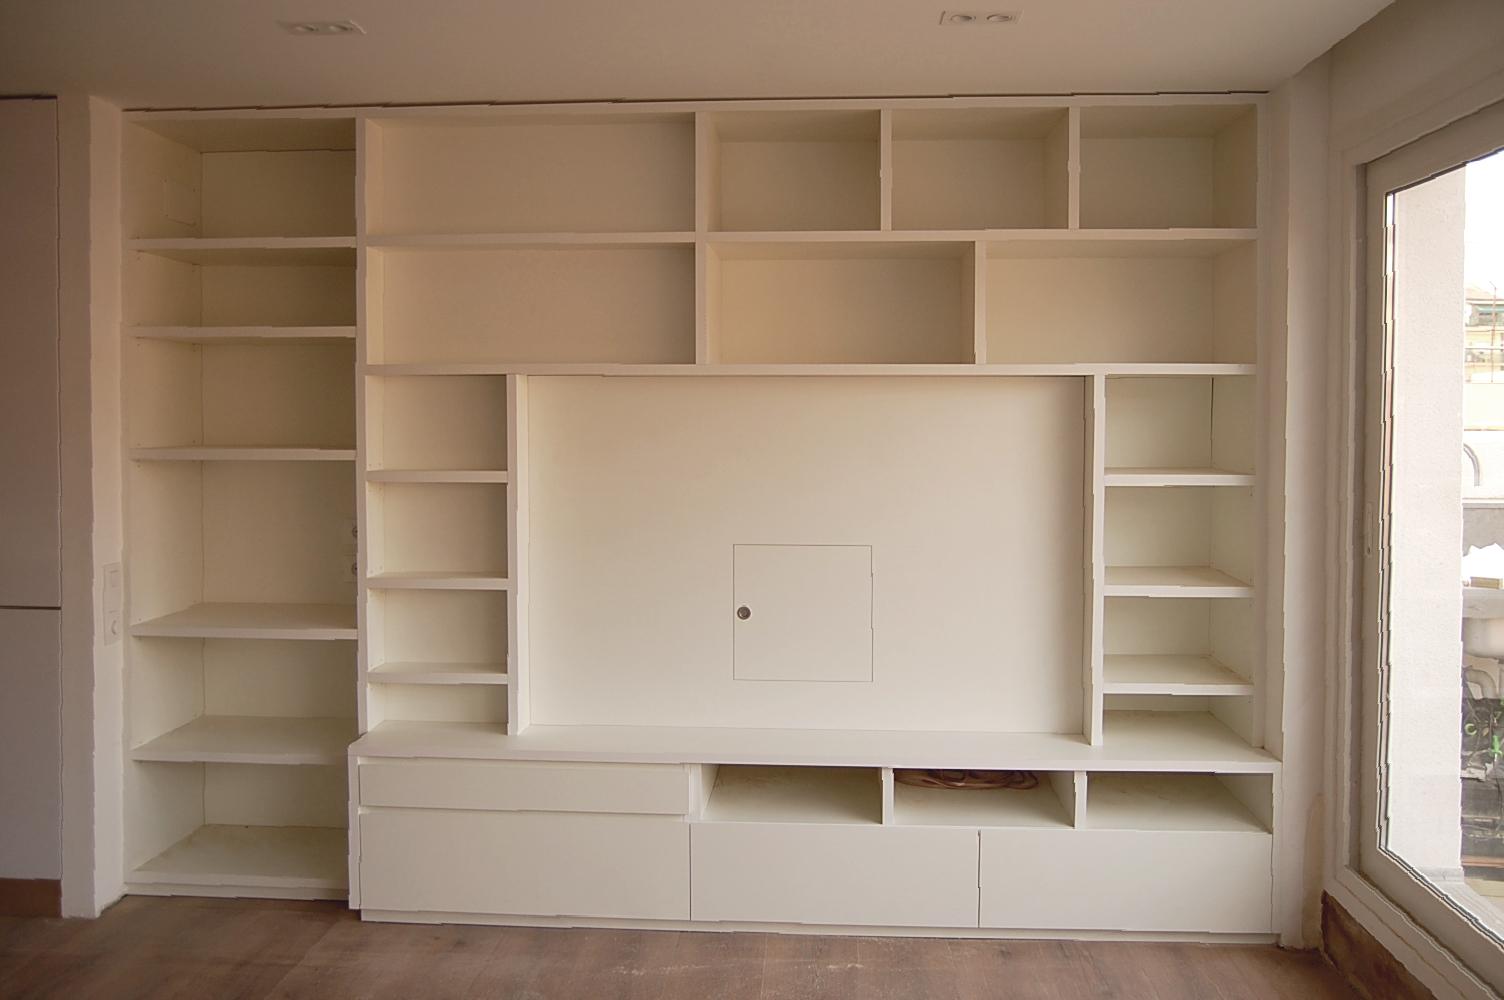 Mueble comedor en melamina blanca con estantes de 3 cm., cajones con guía de extracción total con freno y puerta registro